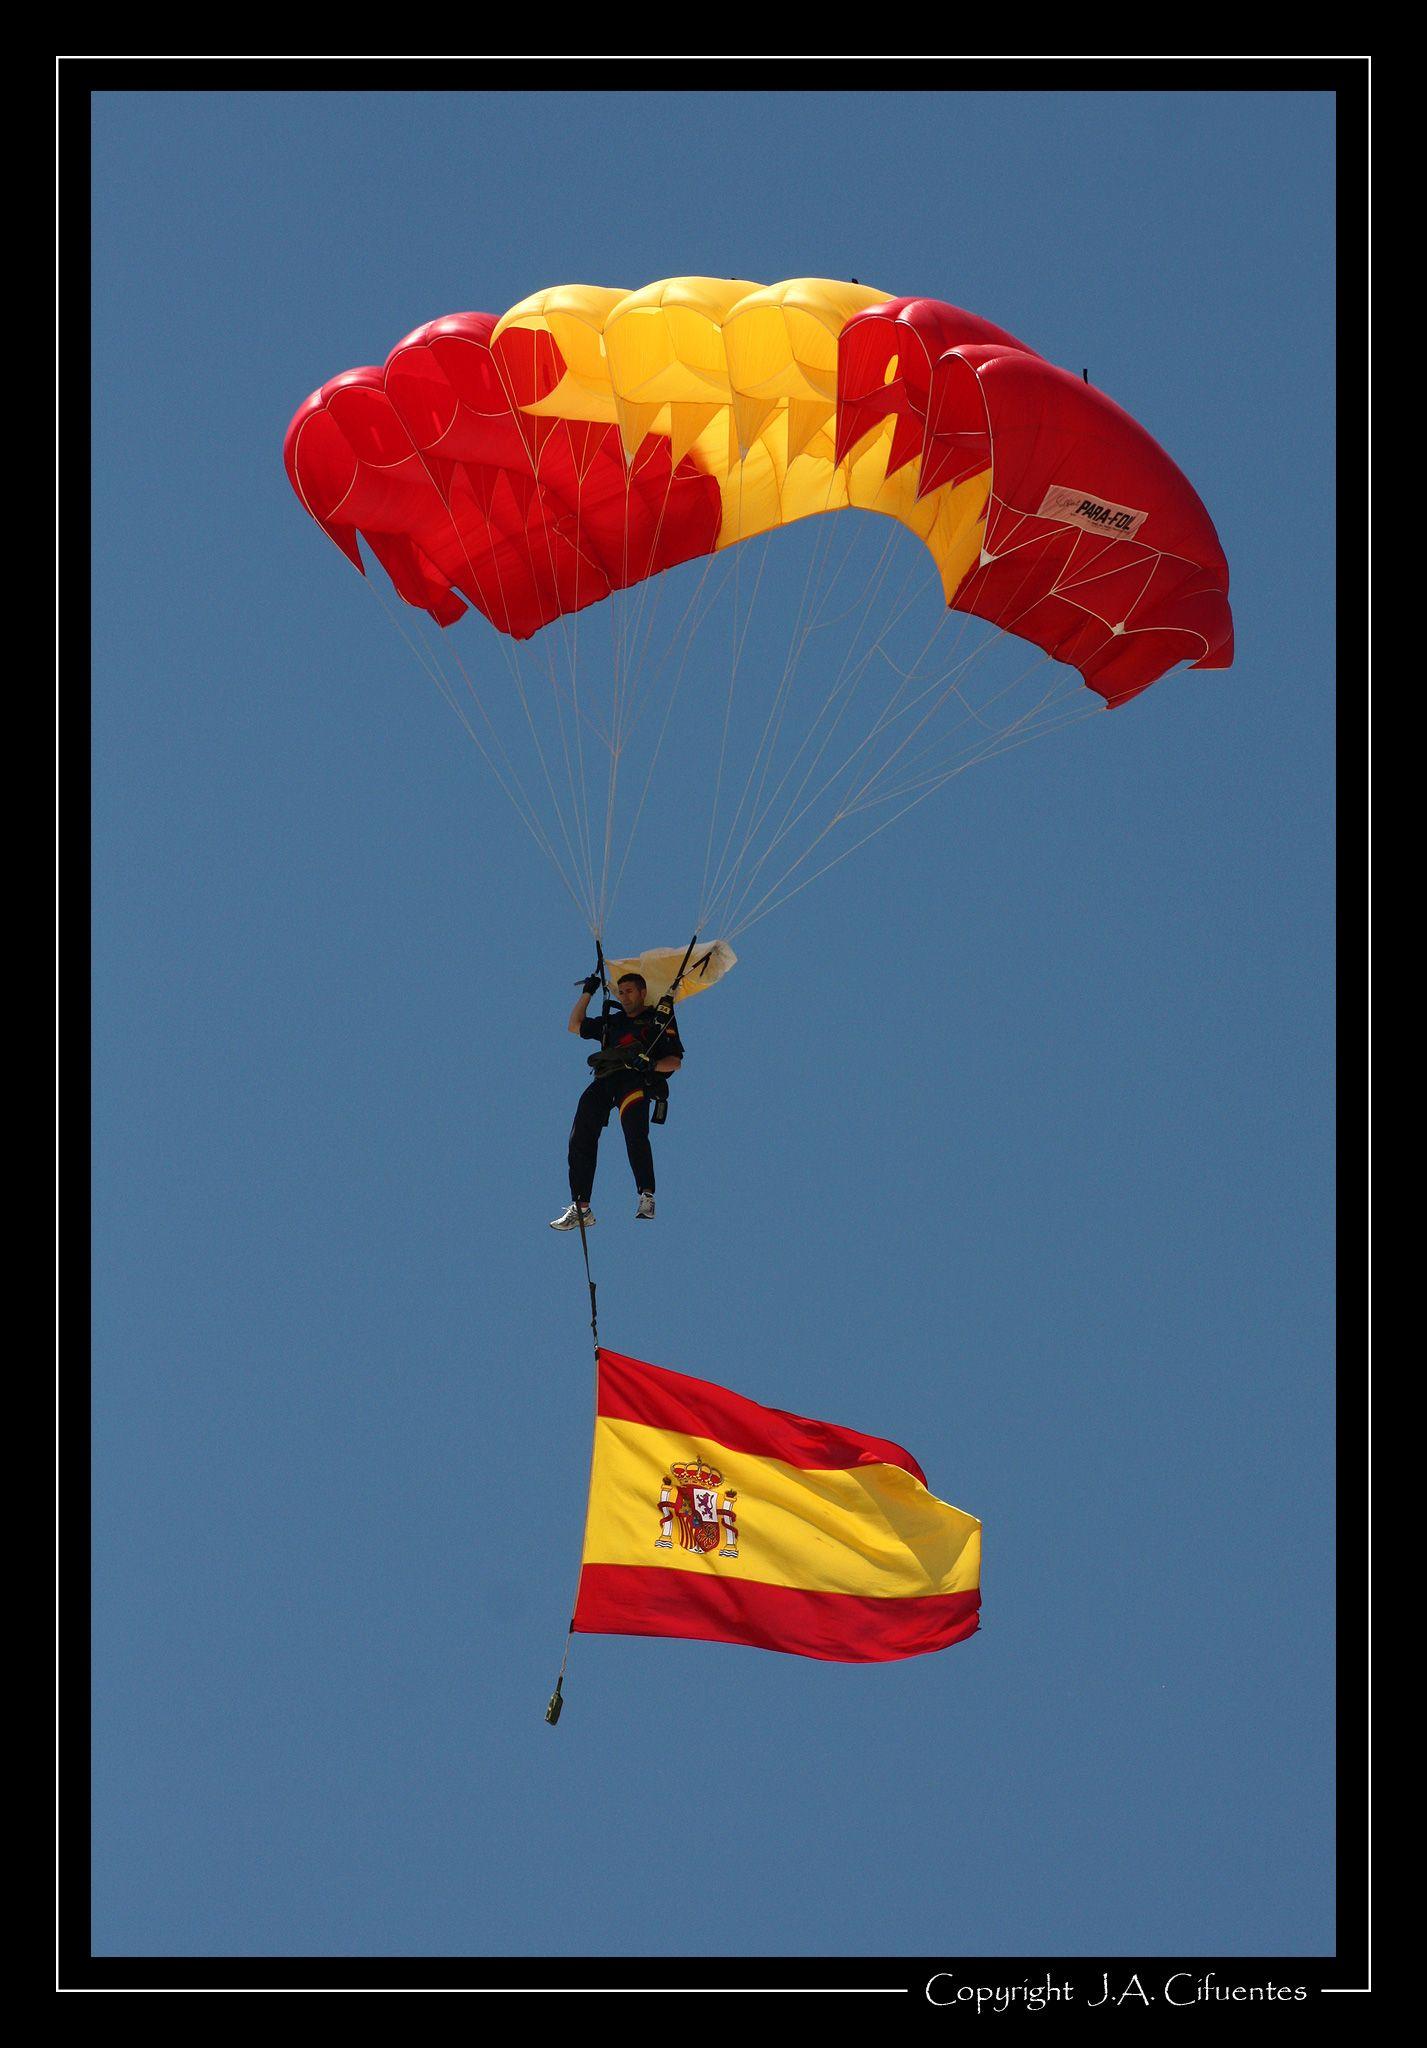 Escuadrón de Apoyo al Despliegue Aéreo (EADA) del Ejercito del Aire.